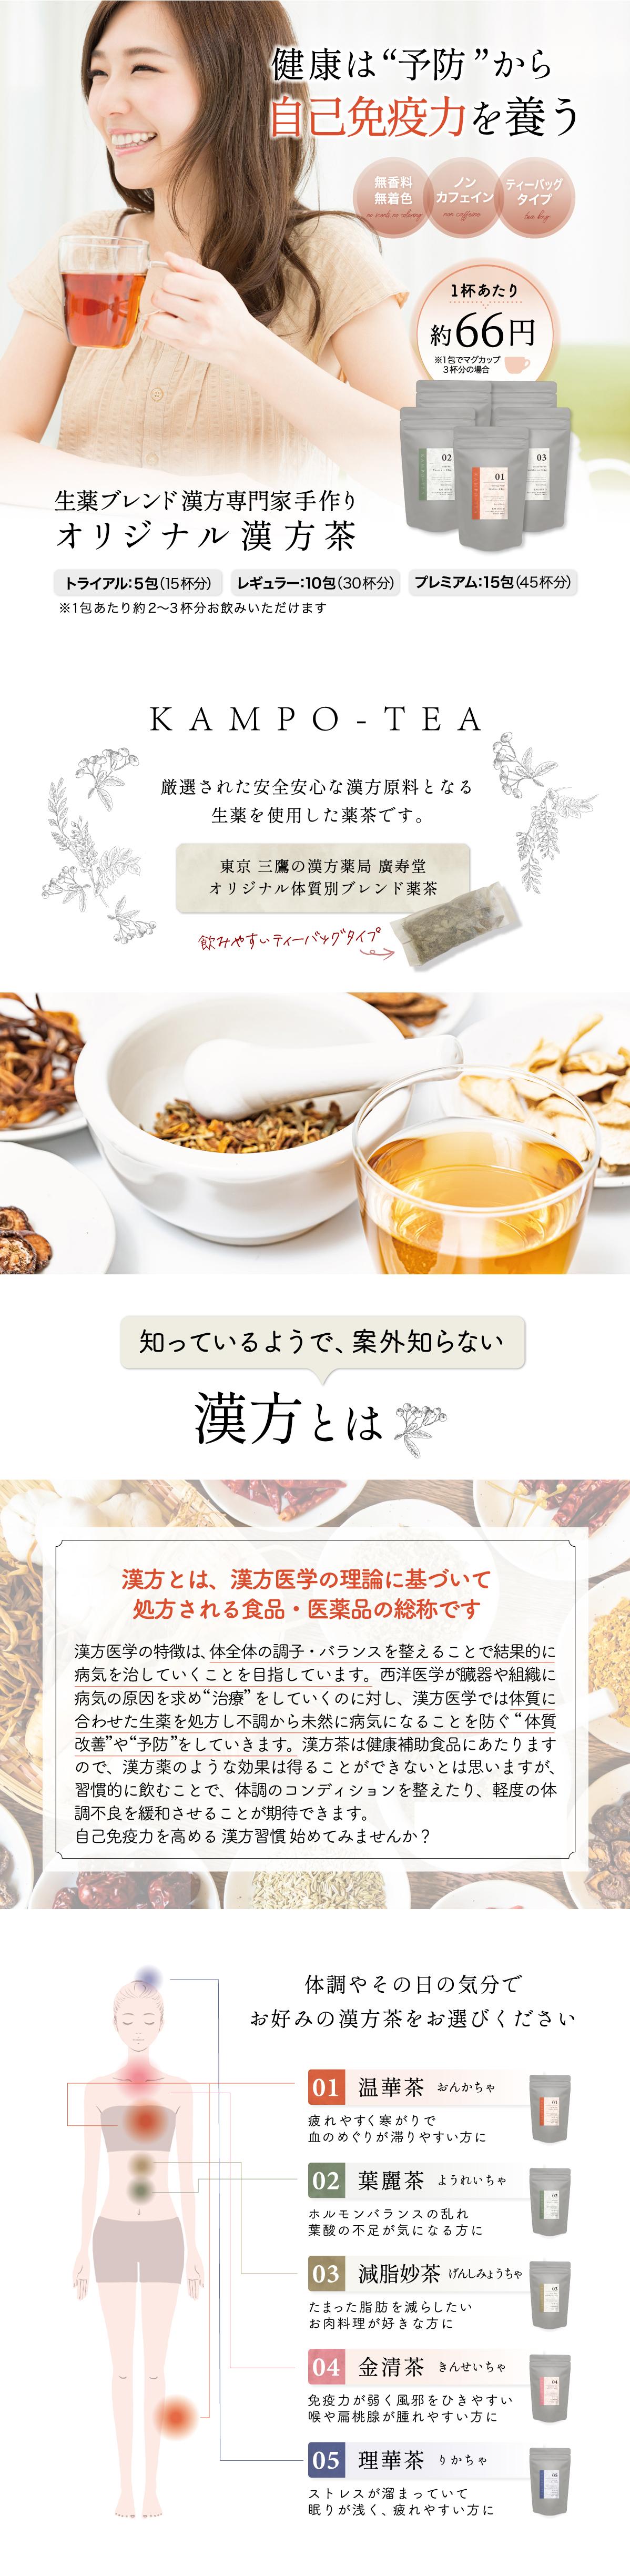 漢方茶lp1